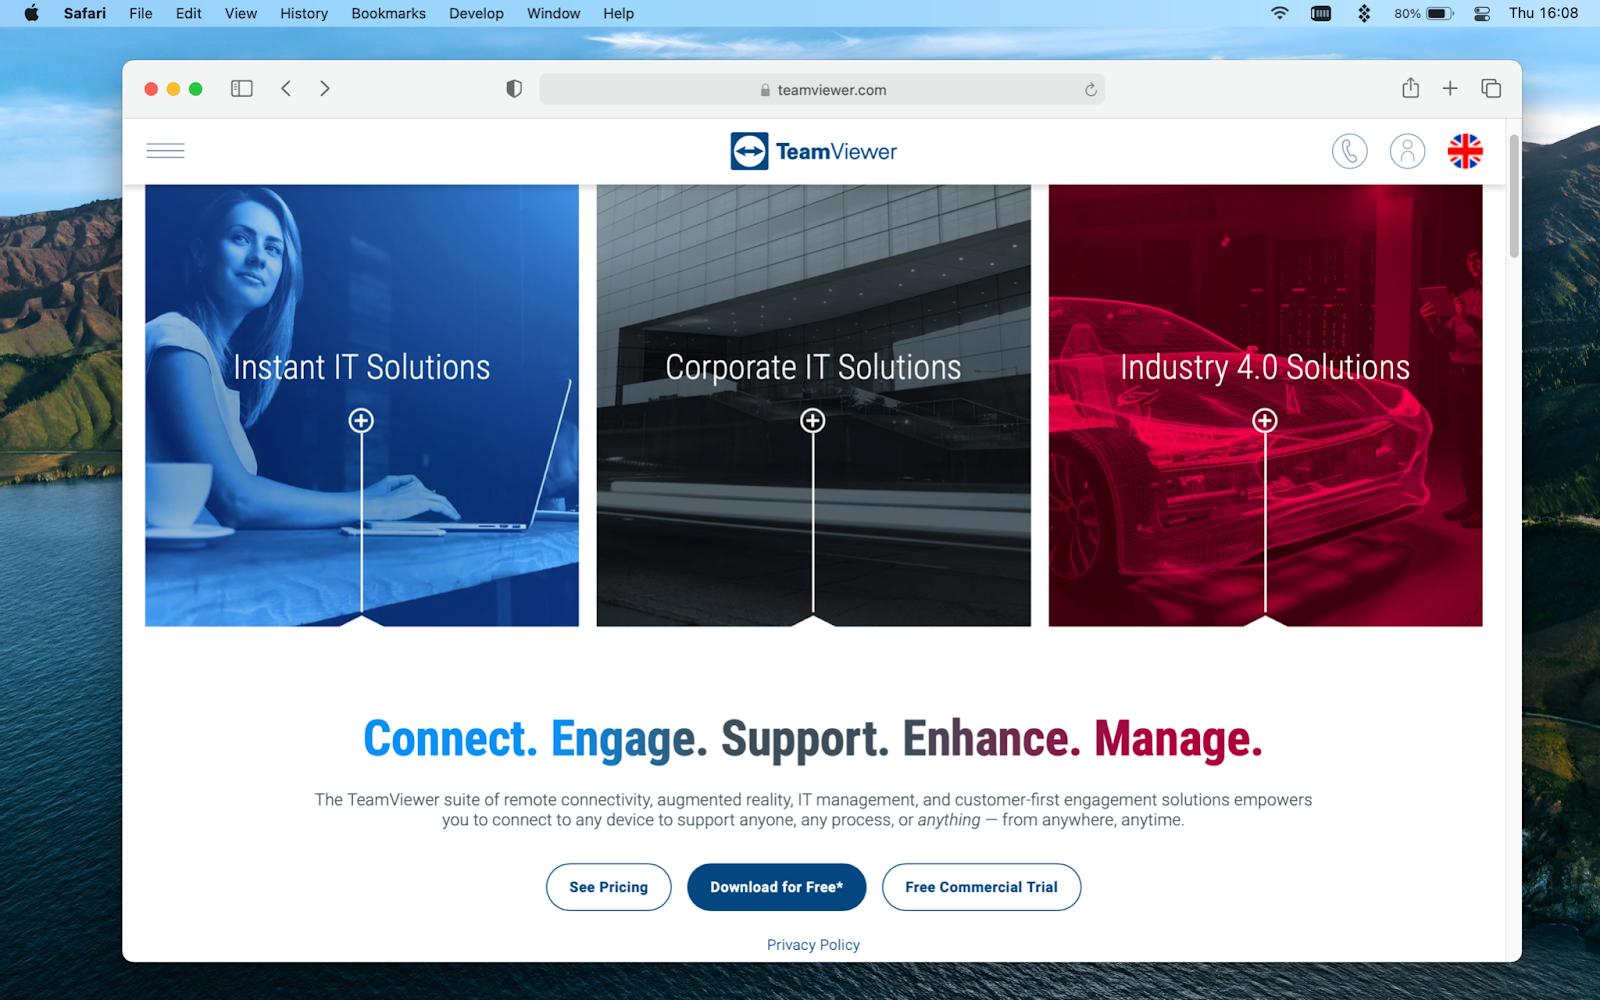 teamviewer-homepage